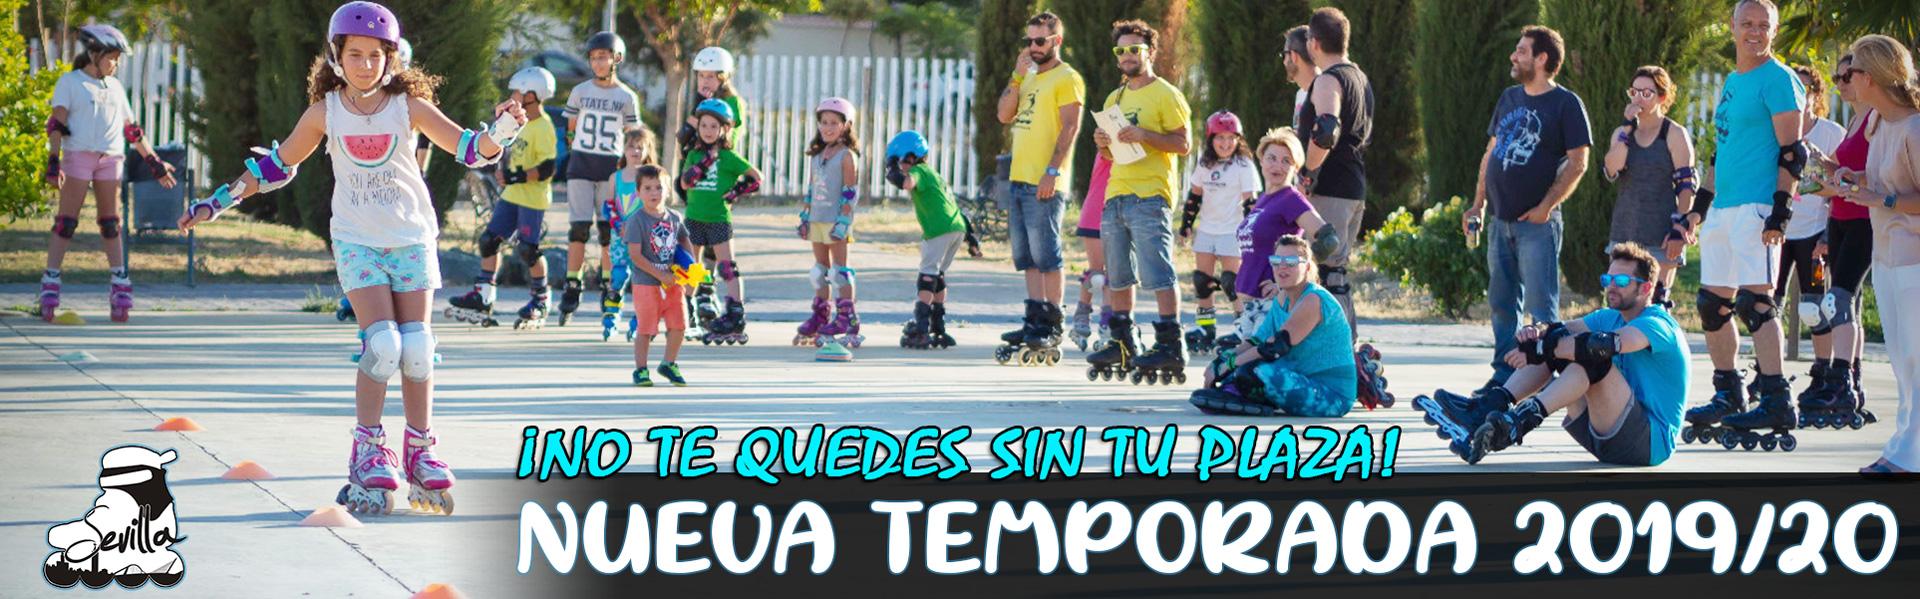 Horarios y escuelas donde impartimos nuestras clases de patinaje en Sevilla, en la temporada 2019/2020 en Sevilla Patina